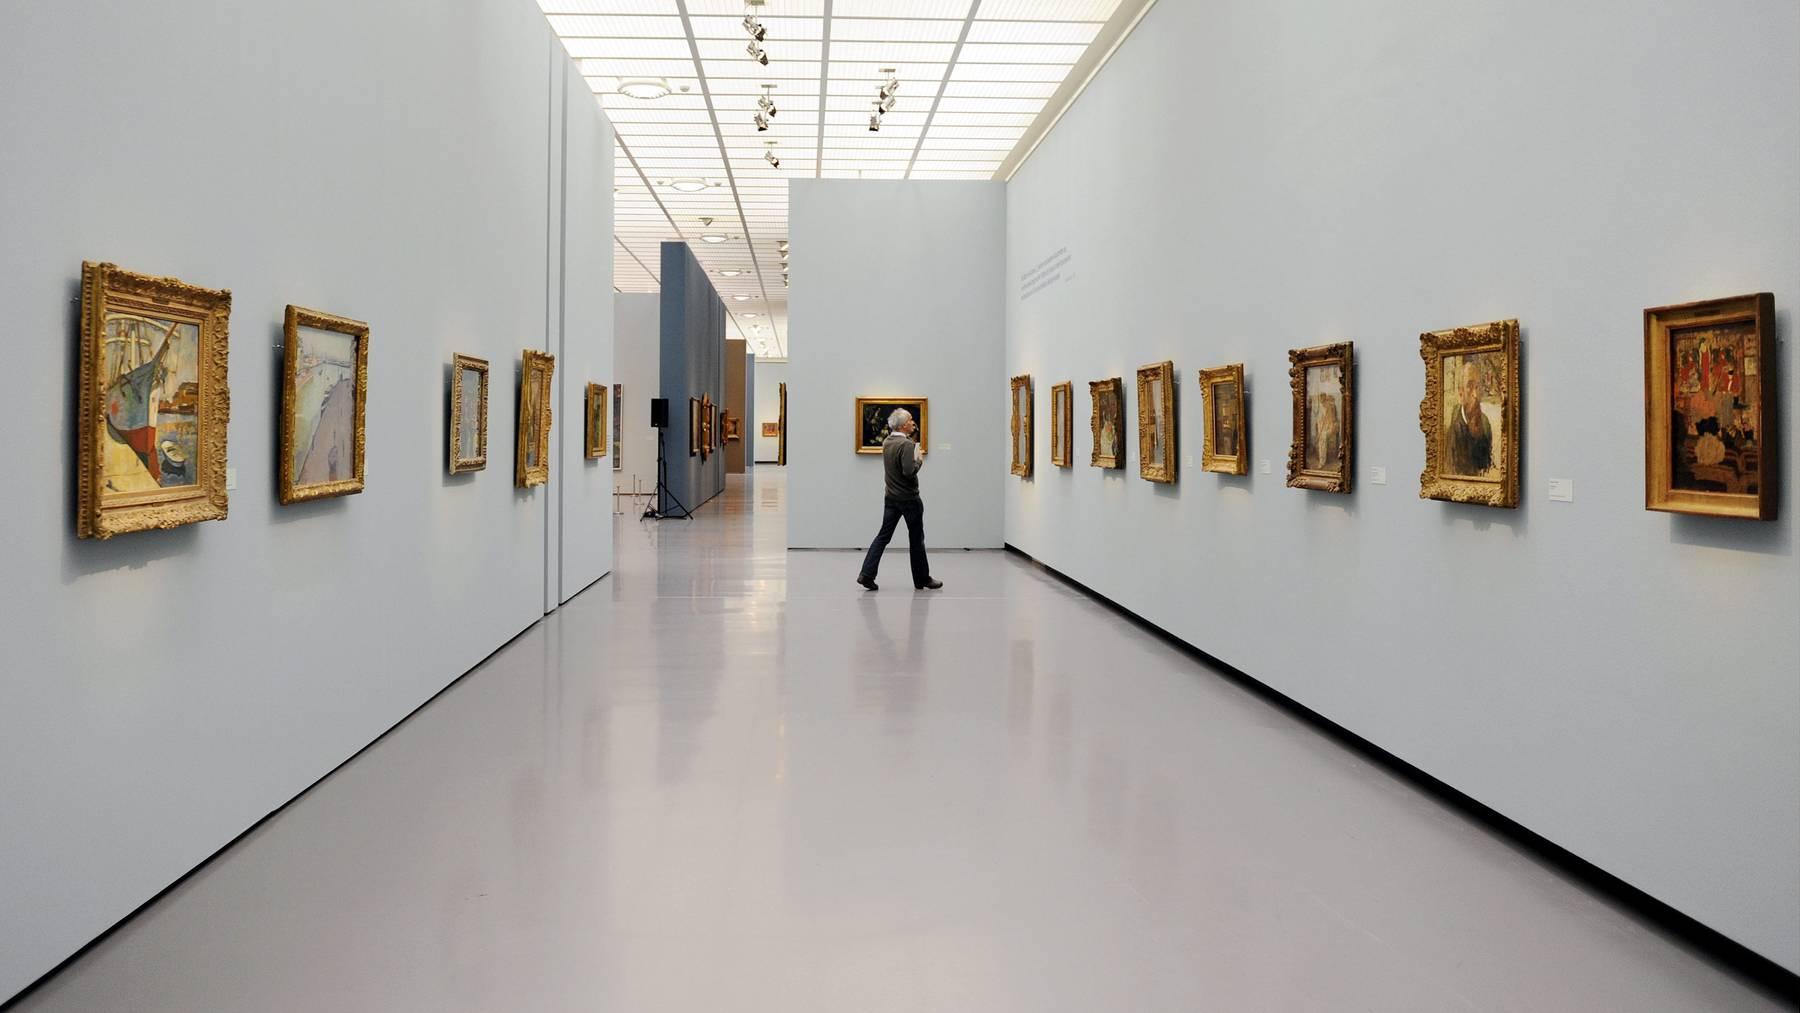 Emil Bührle erkaufte sich eine Kunstsammlung von Weltrang, finanziert durch Waffengeschäfte.